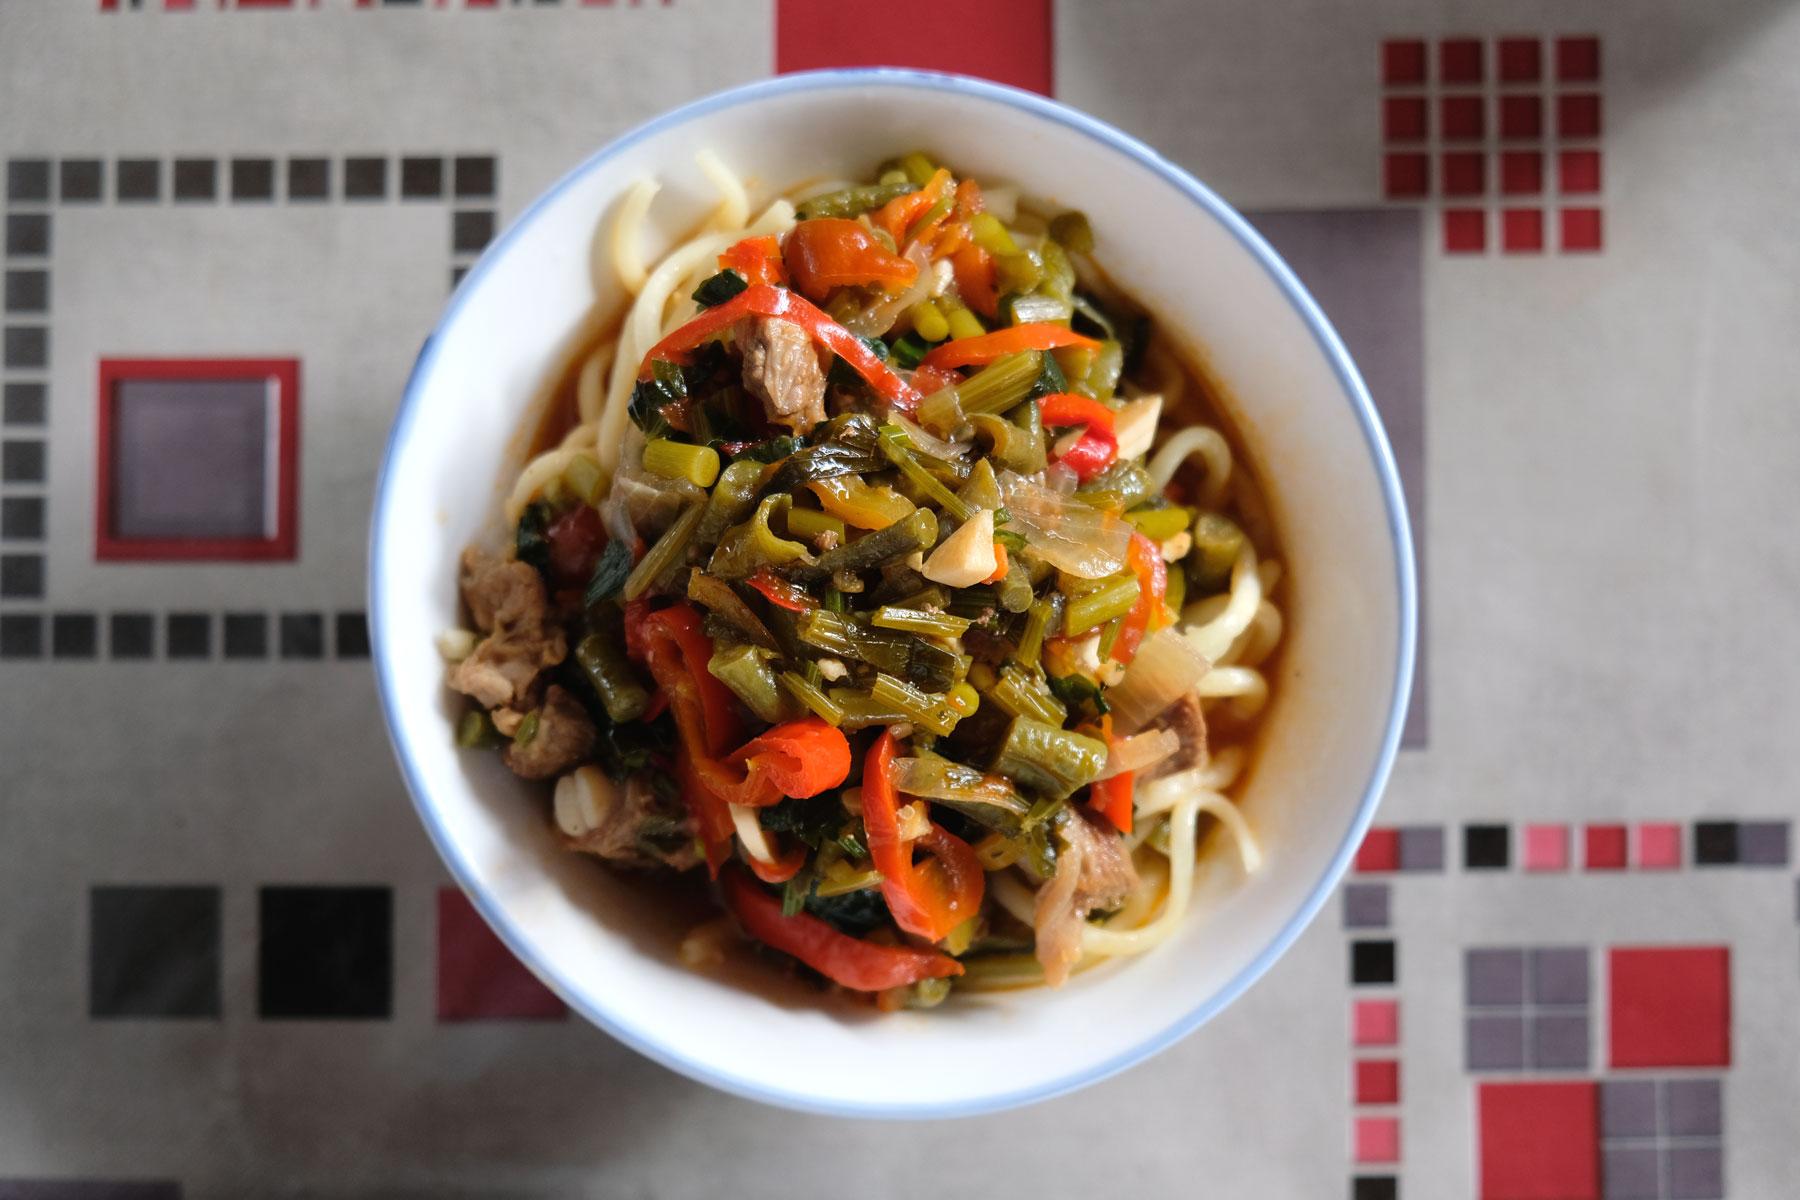 Kasachisches Laghman - Kleine Restaurants im Oberrang des Markts bereiten einheimische Spezialitäten zu